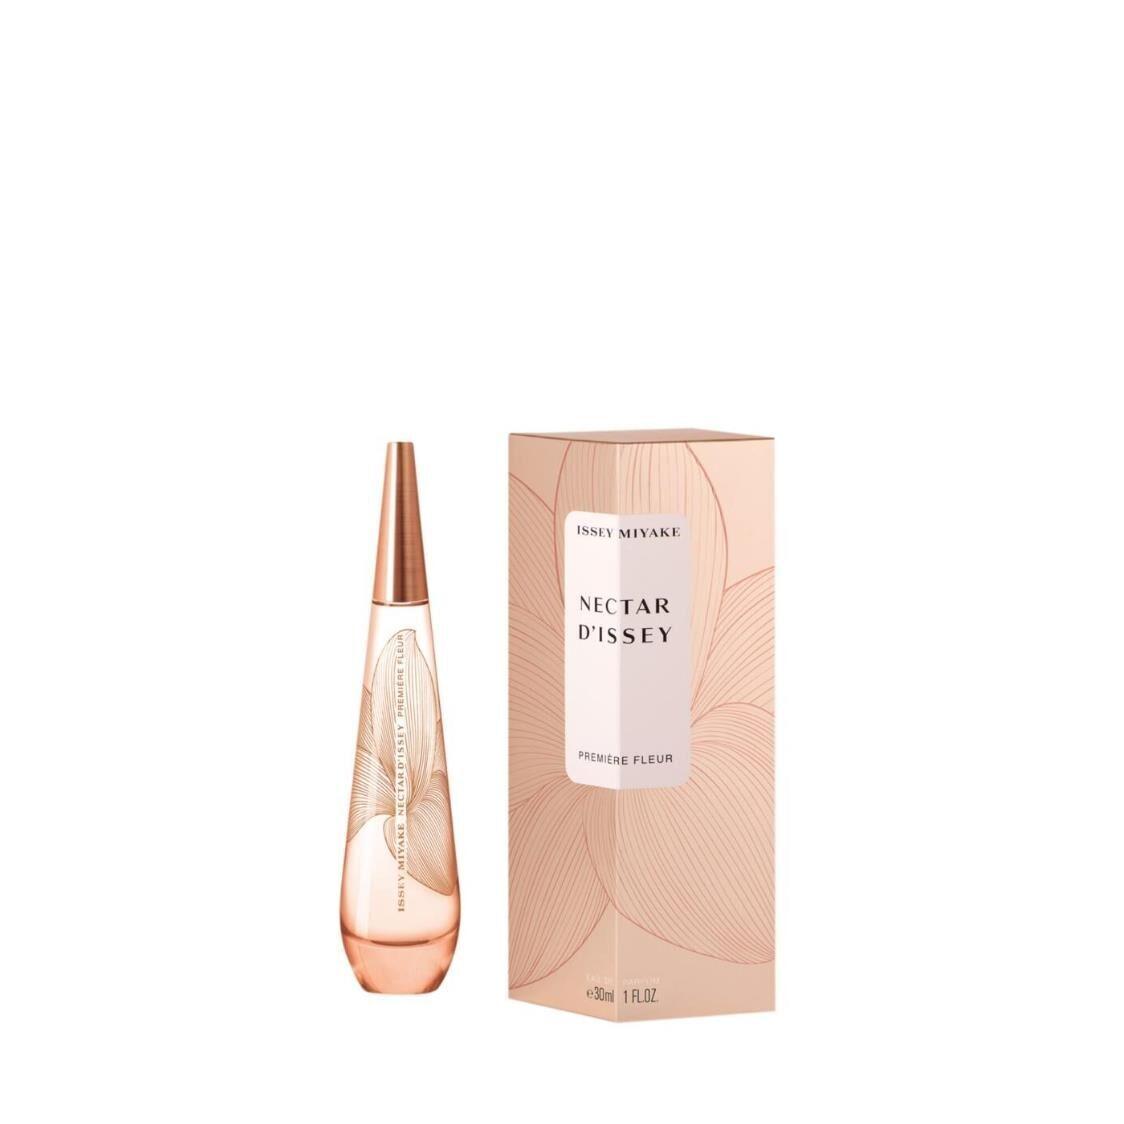 Nectar dIssey Premire Fleur EDT 30ml